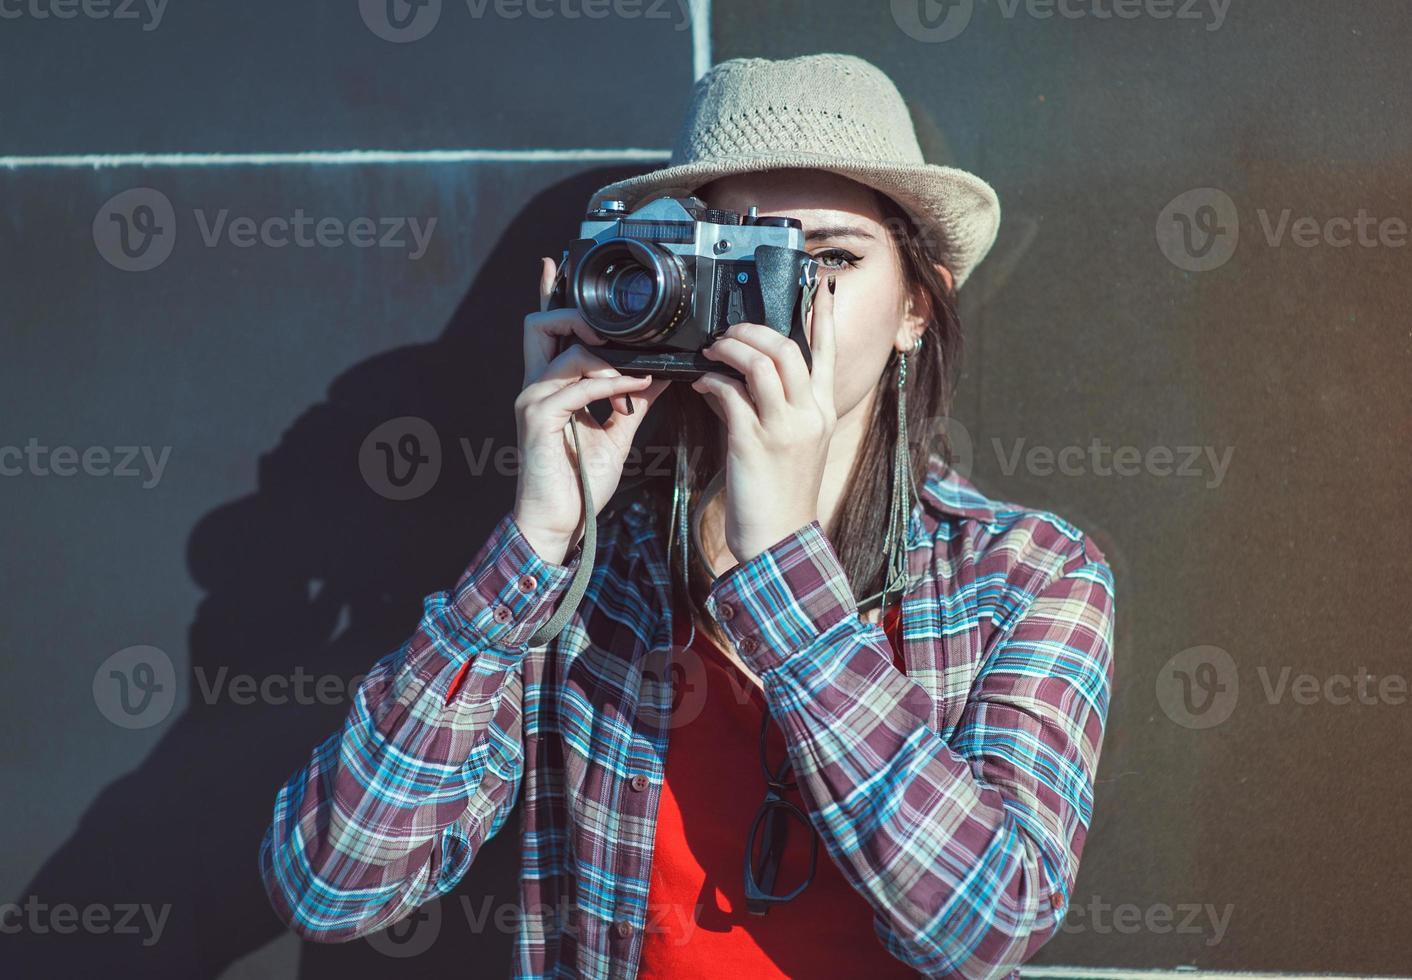 Hermosa chica hipster con sombrero haciendo foto con cámara retro